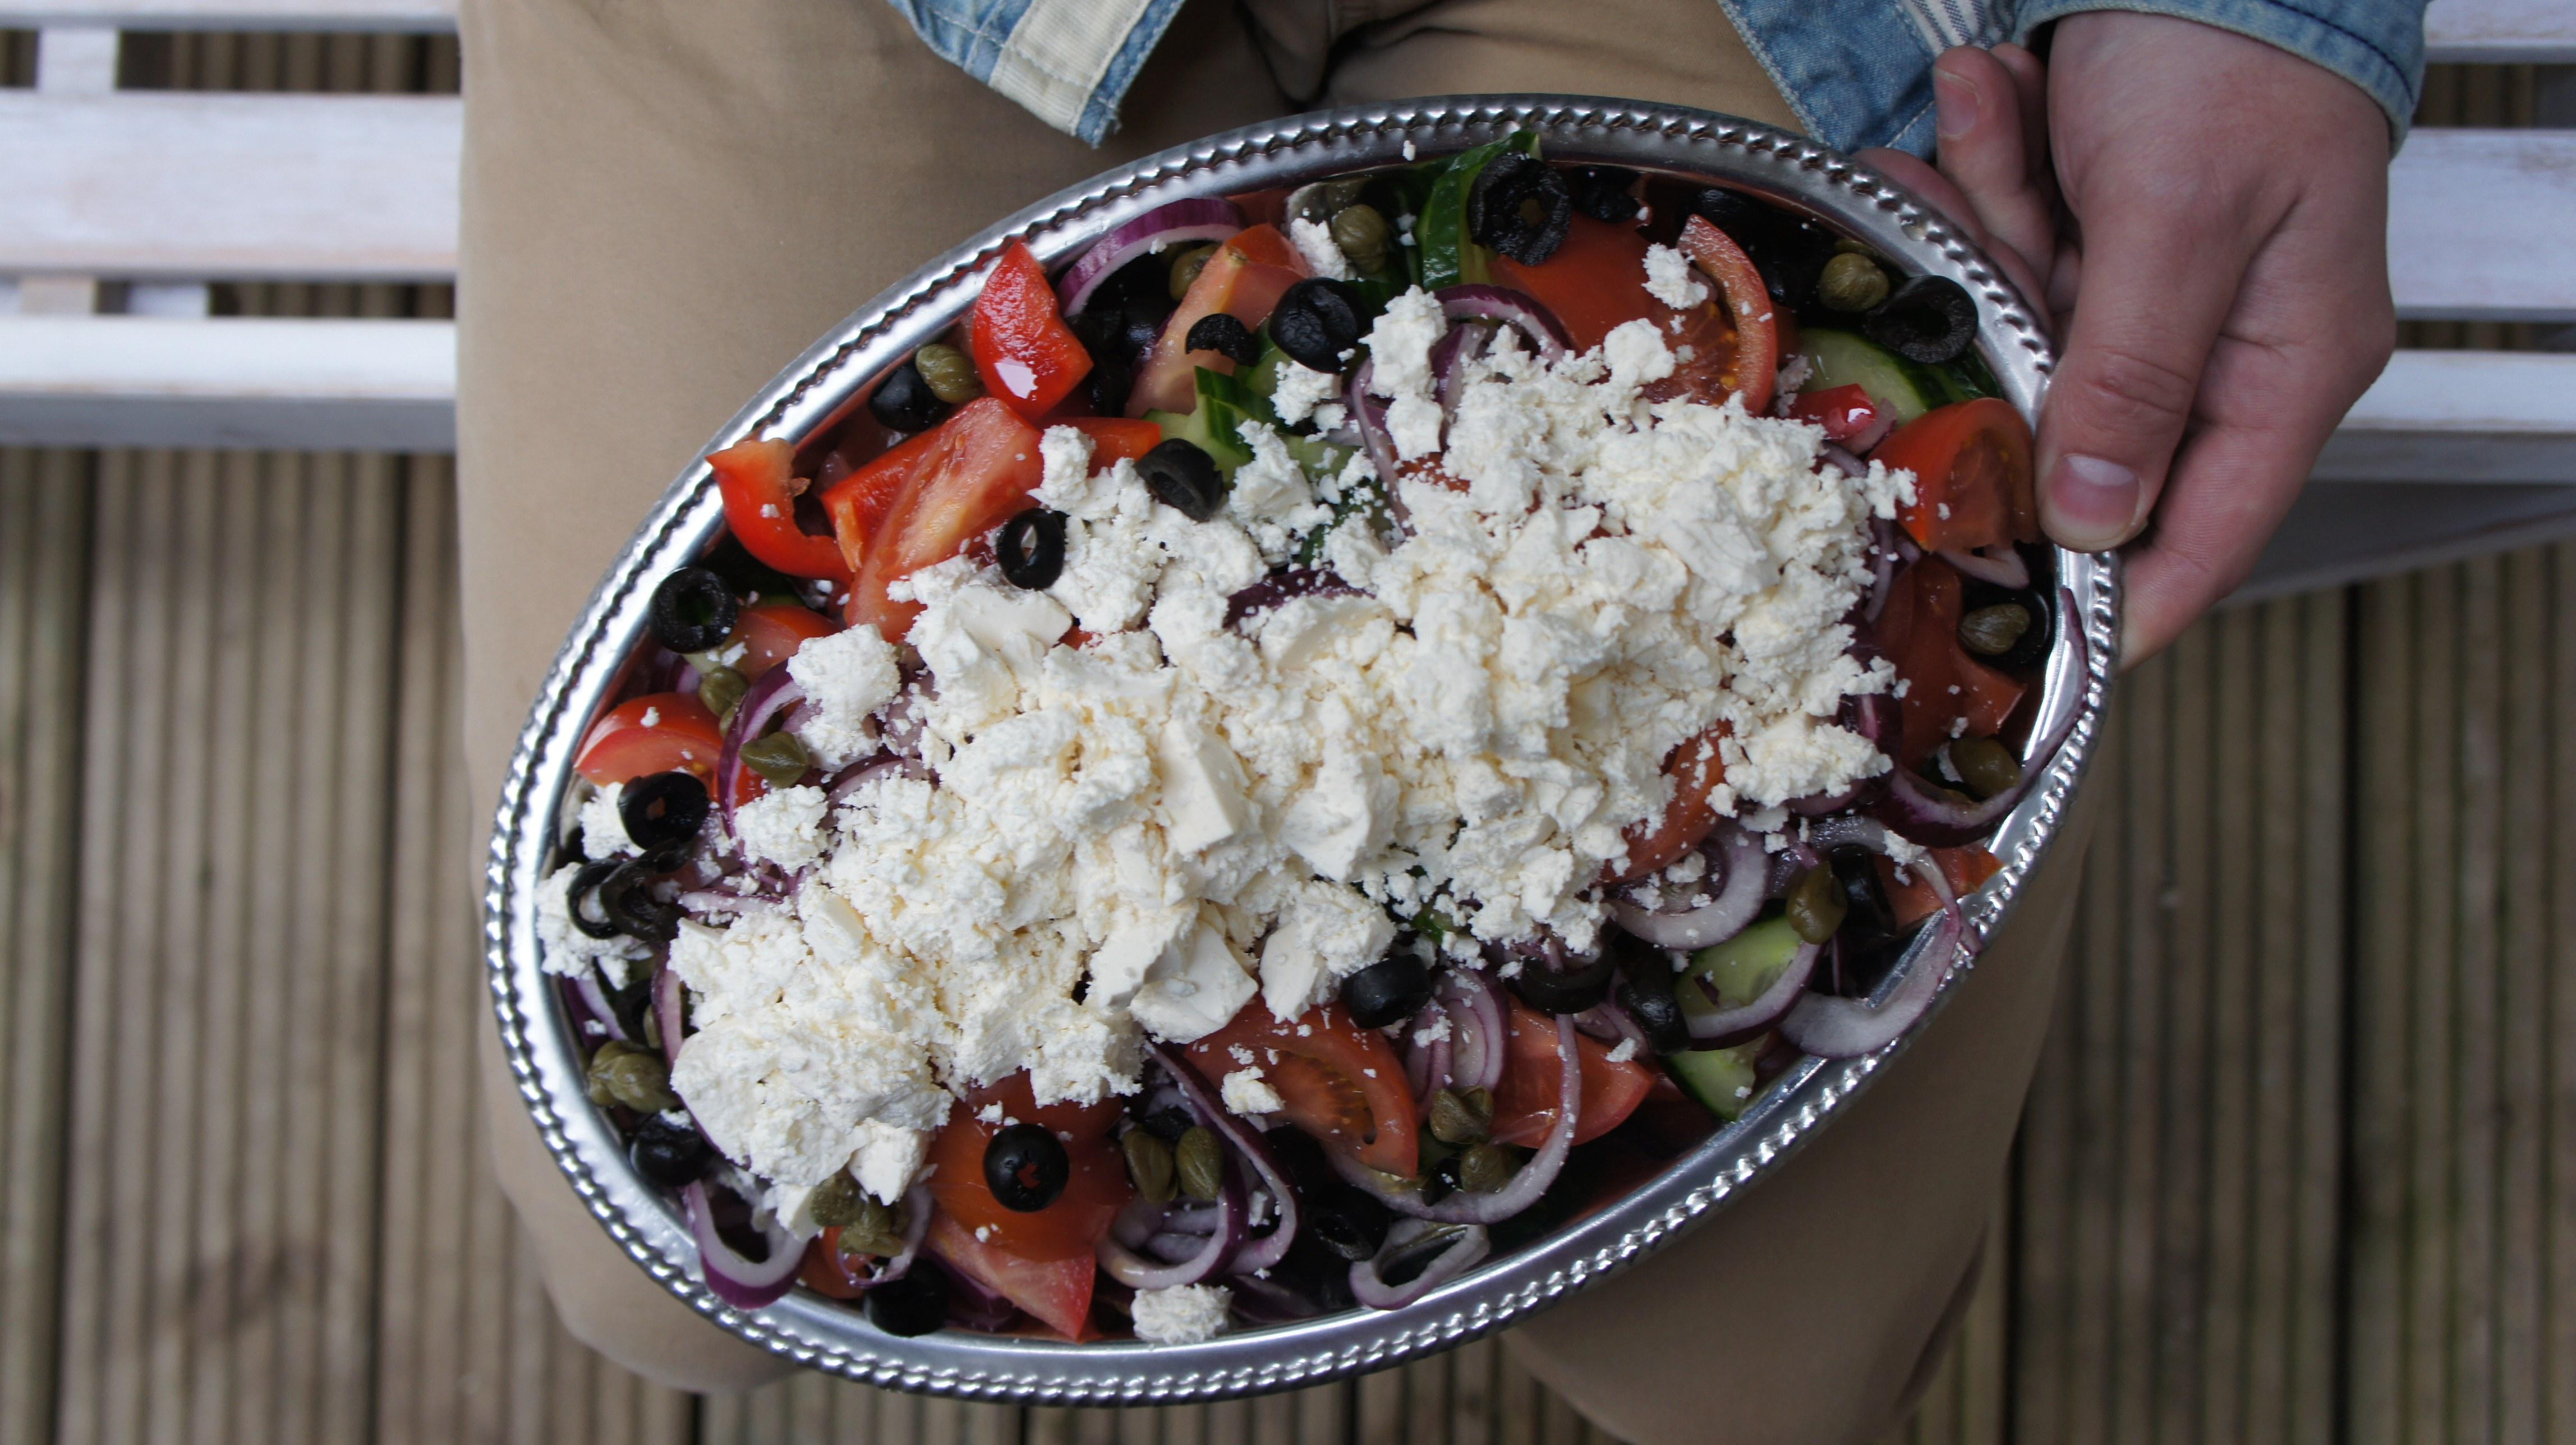 Griekse salade: de bekendste salade ter wereld